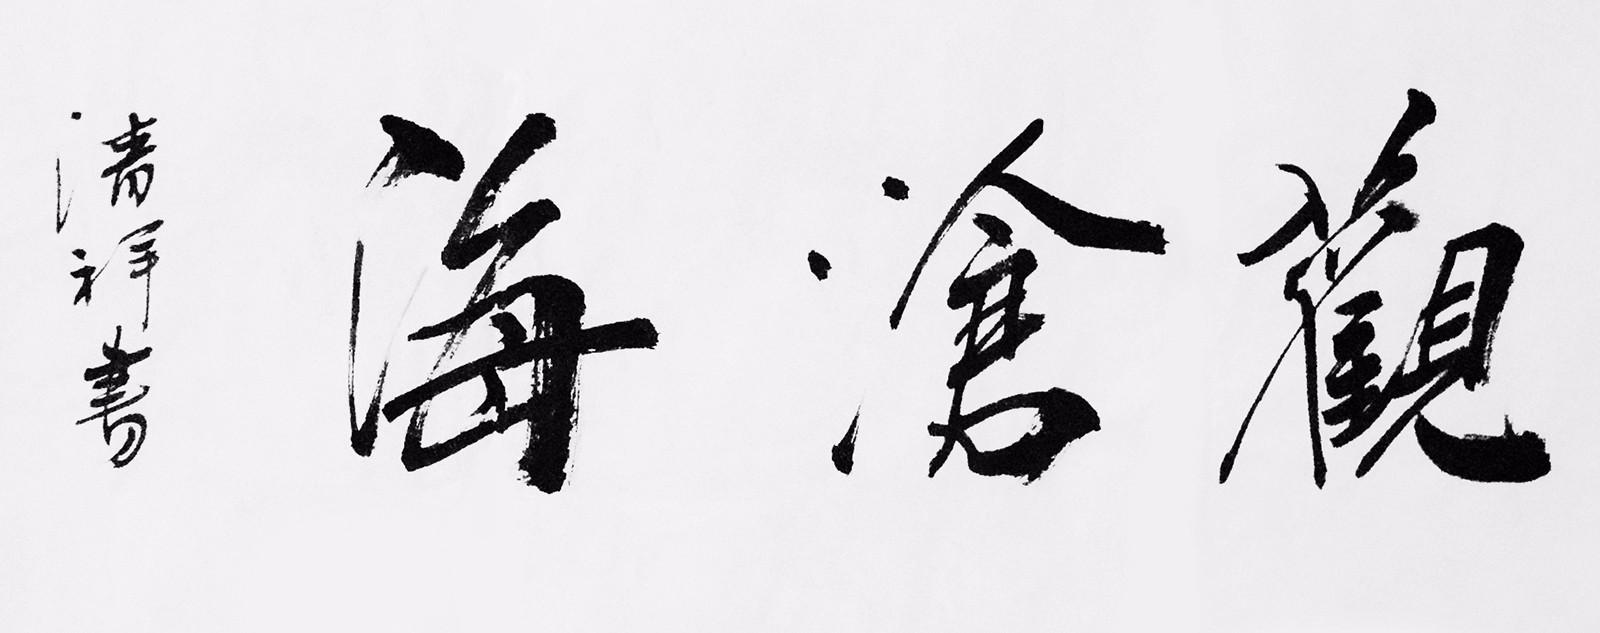 曹操曲谱五线谱